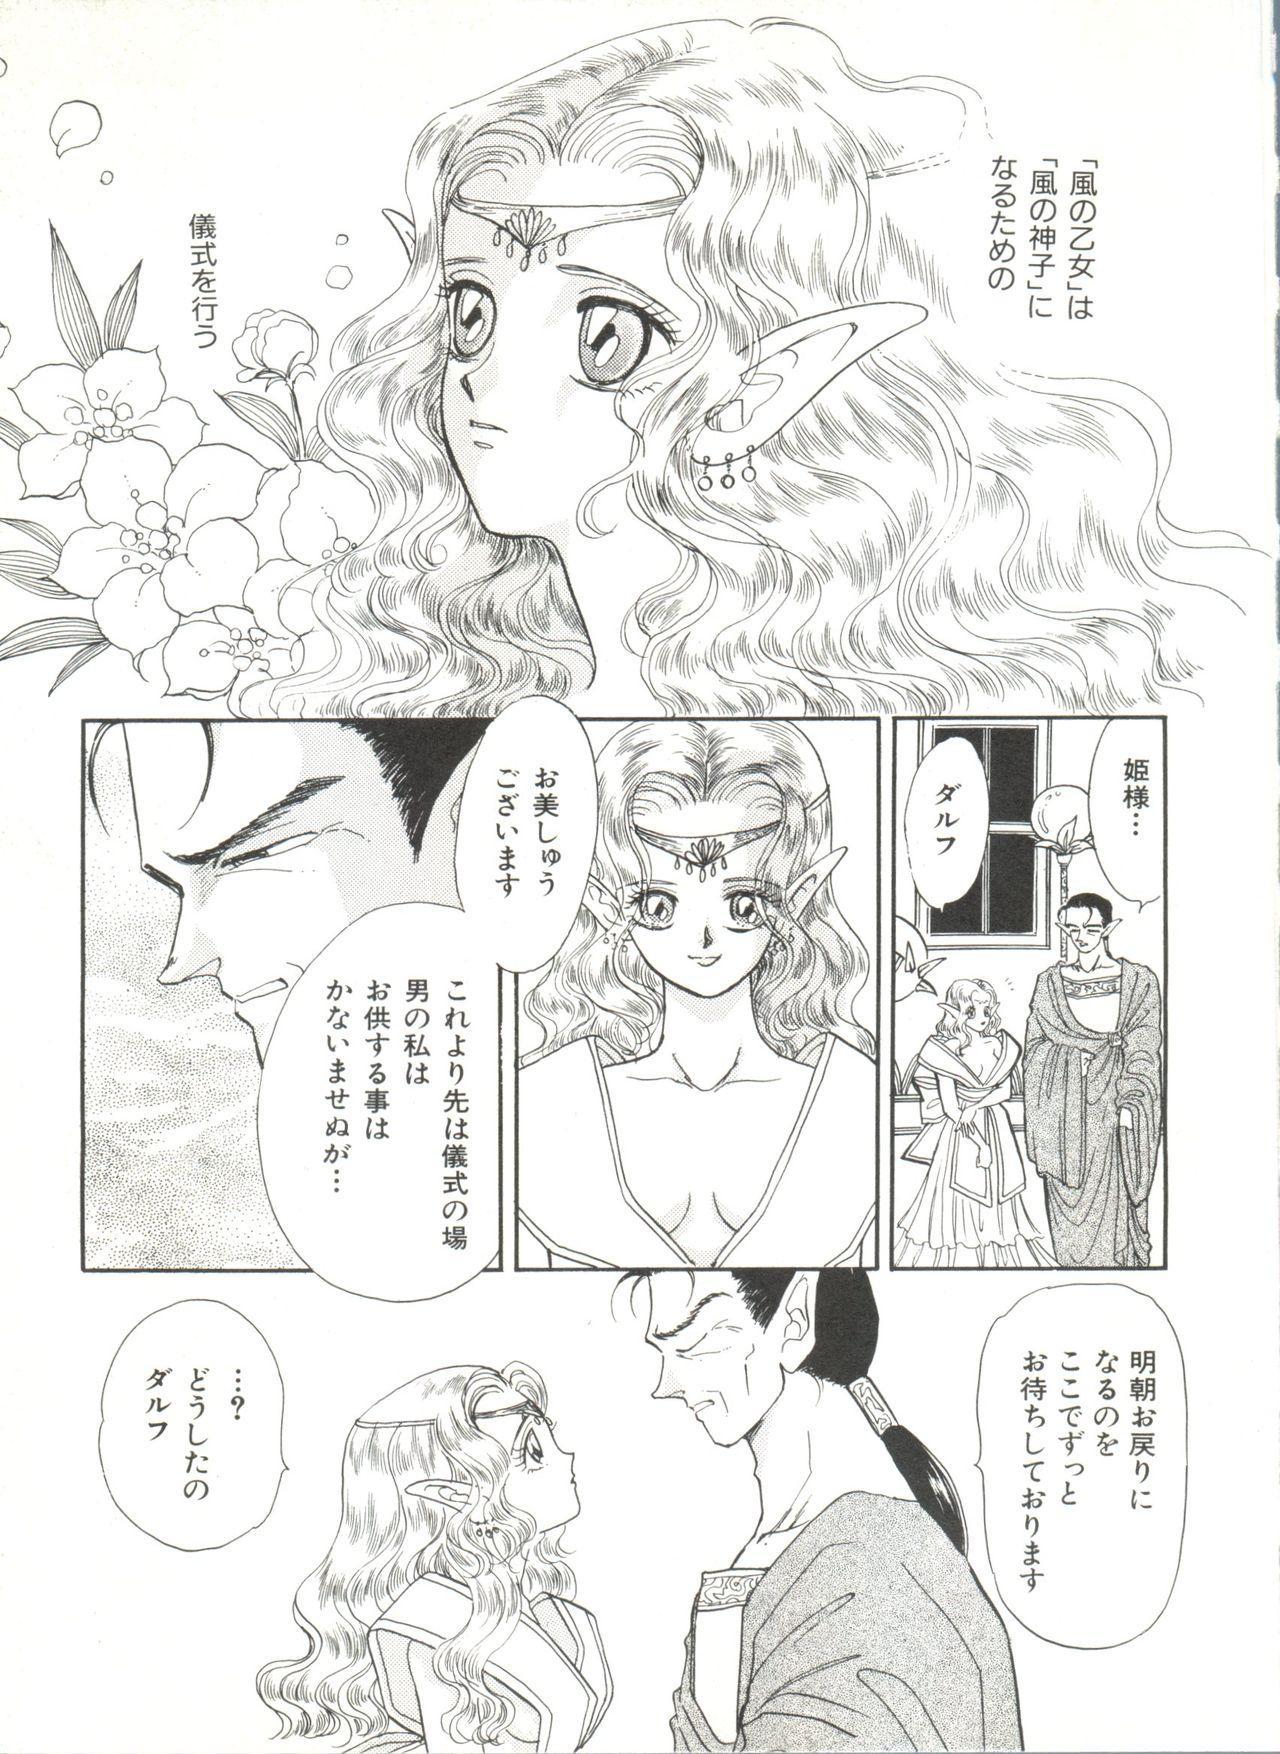 Bishoujo Doujinshi Anthology 6 106